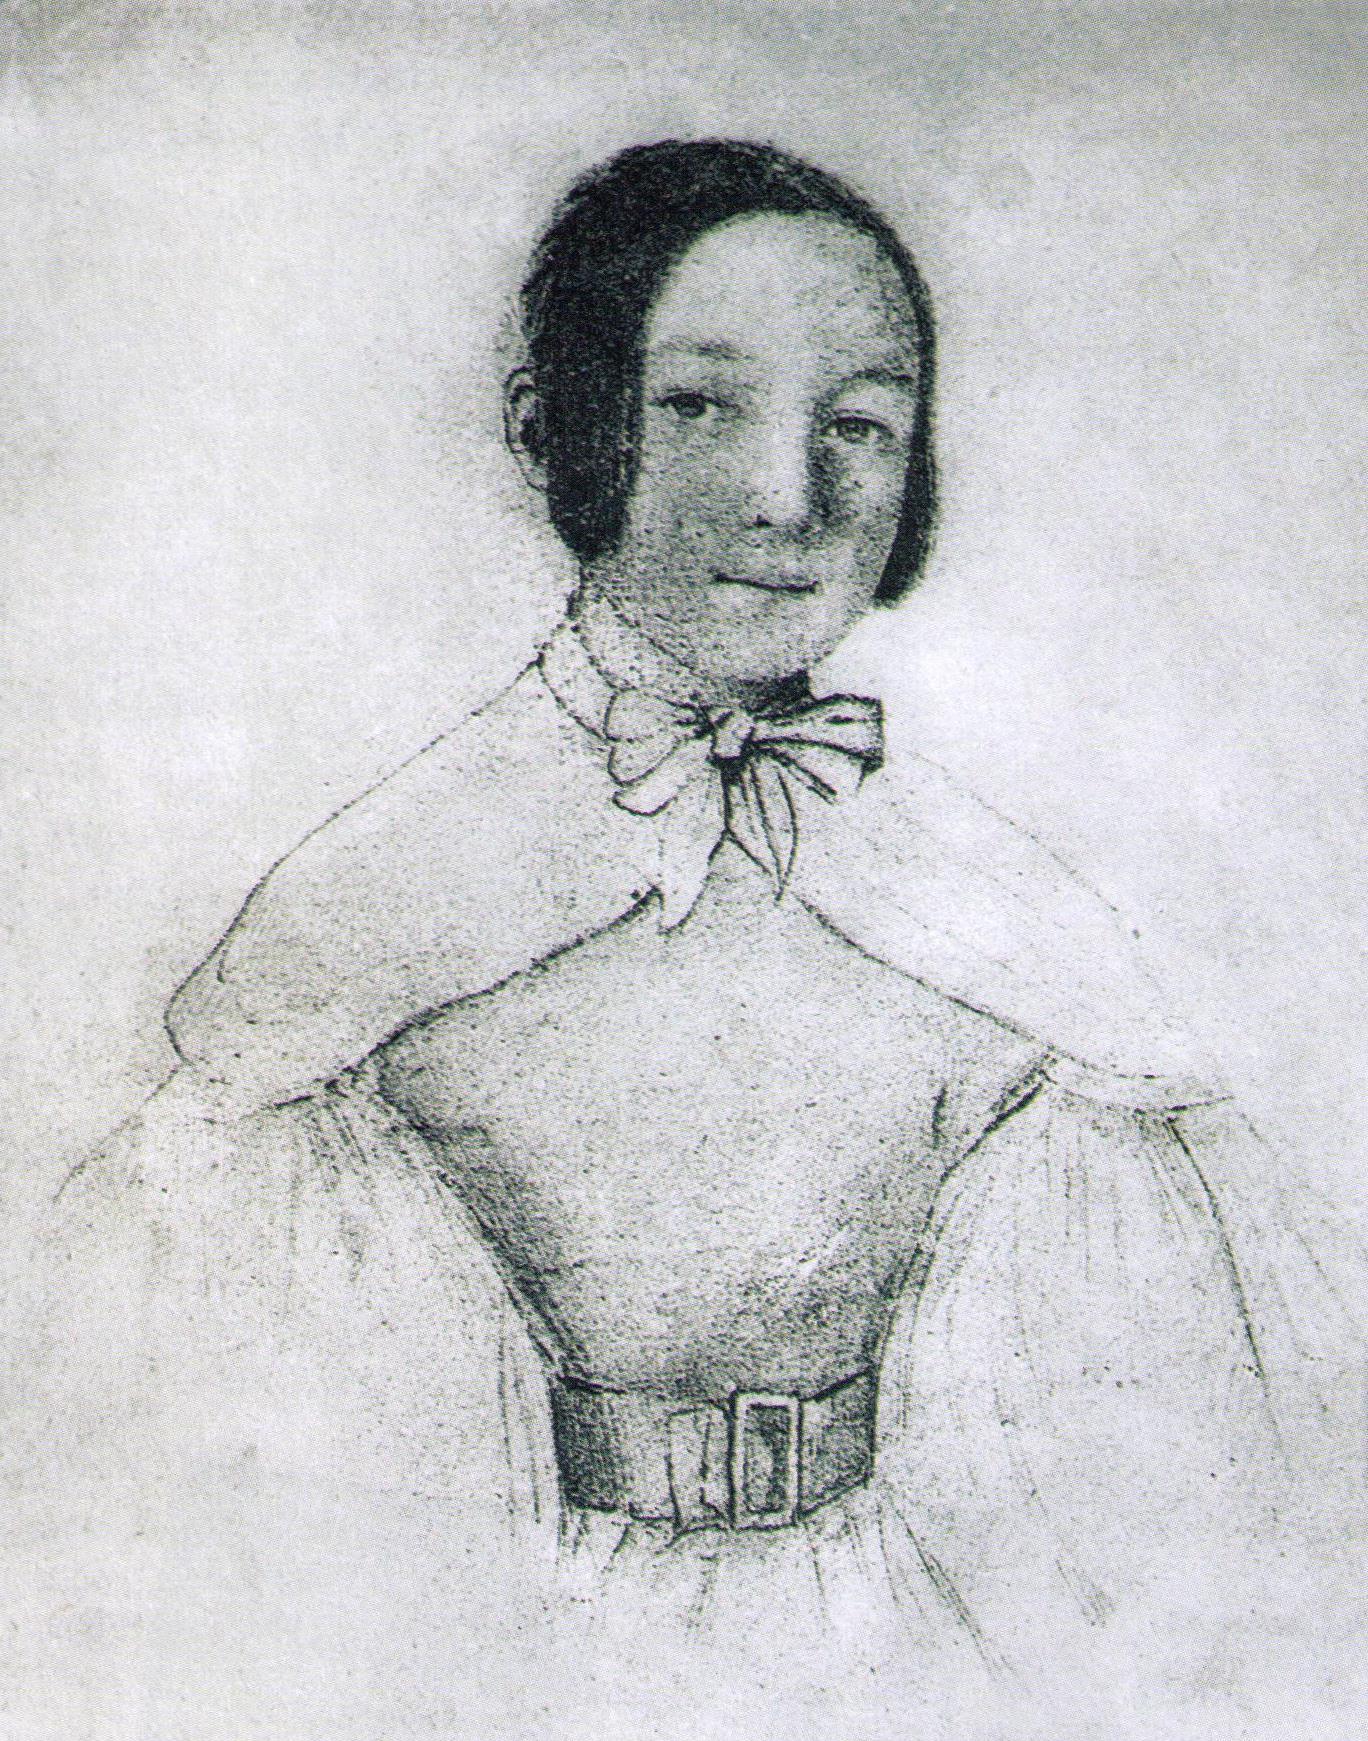 Chopin estuvo comprometido con Maria Wodzińska pero el matrimonio se vio truncado por el precario estado de salud del compositor polaco.